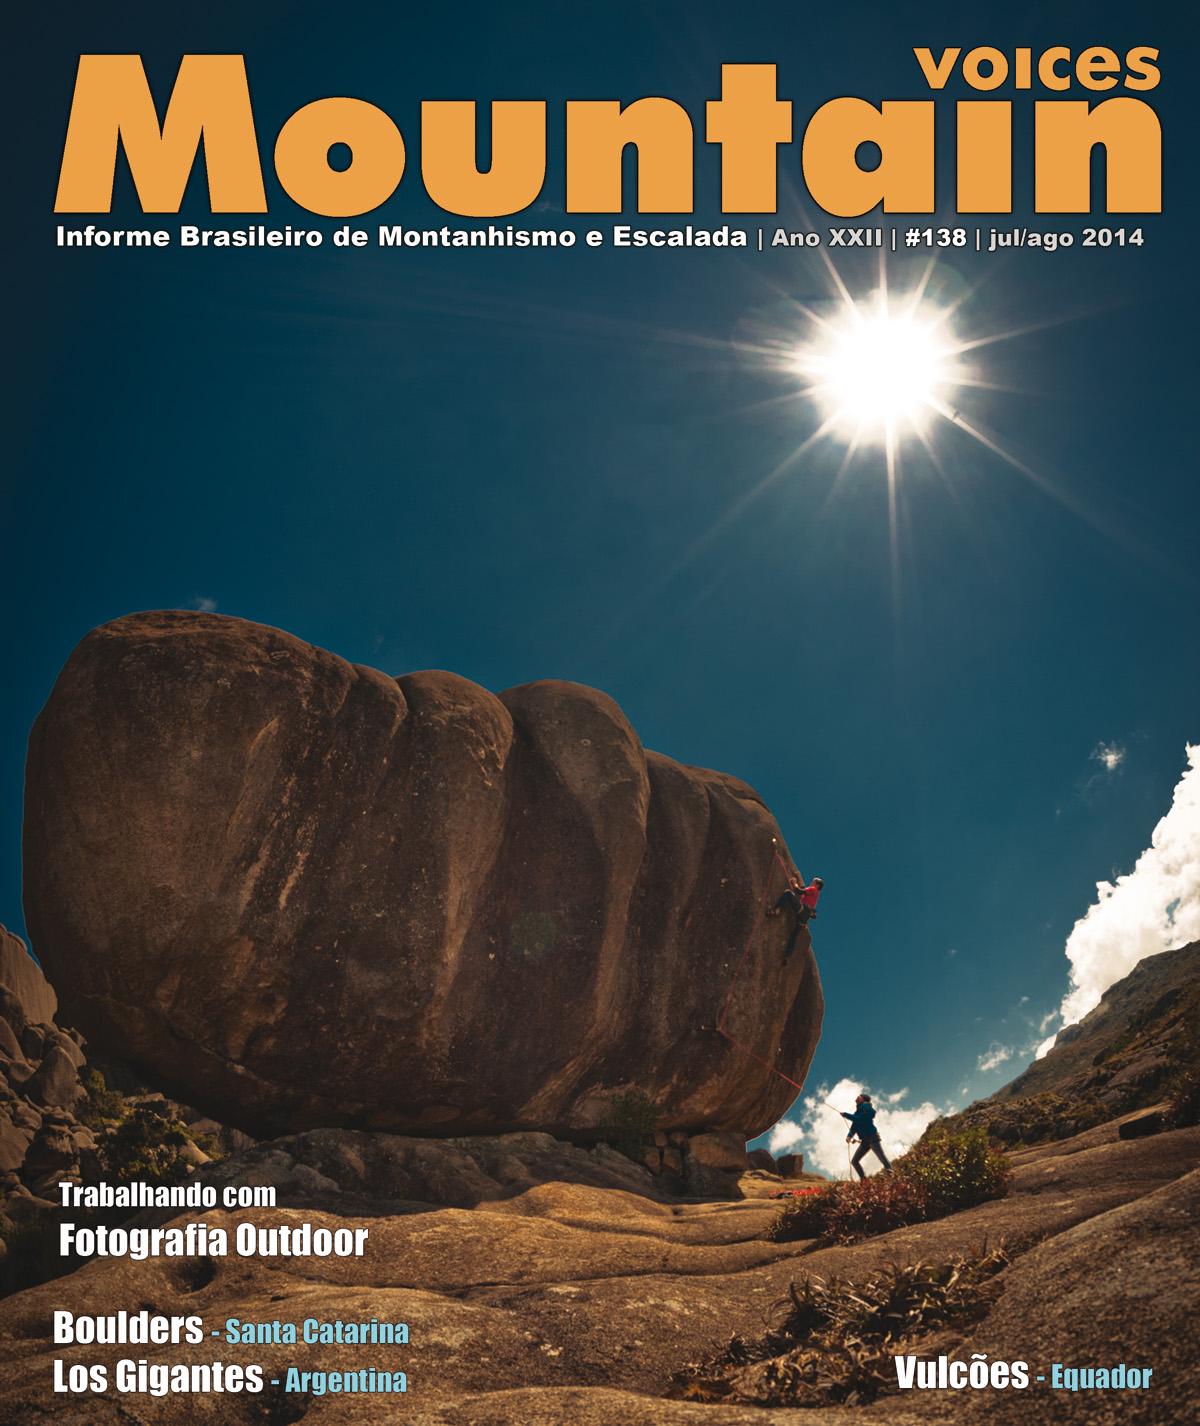 Mountain Voices # 138 - julho/agosto 2014